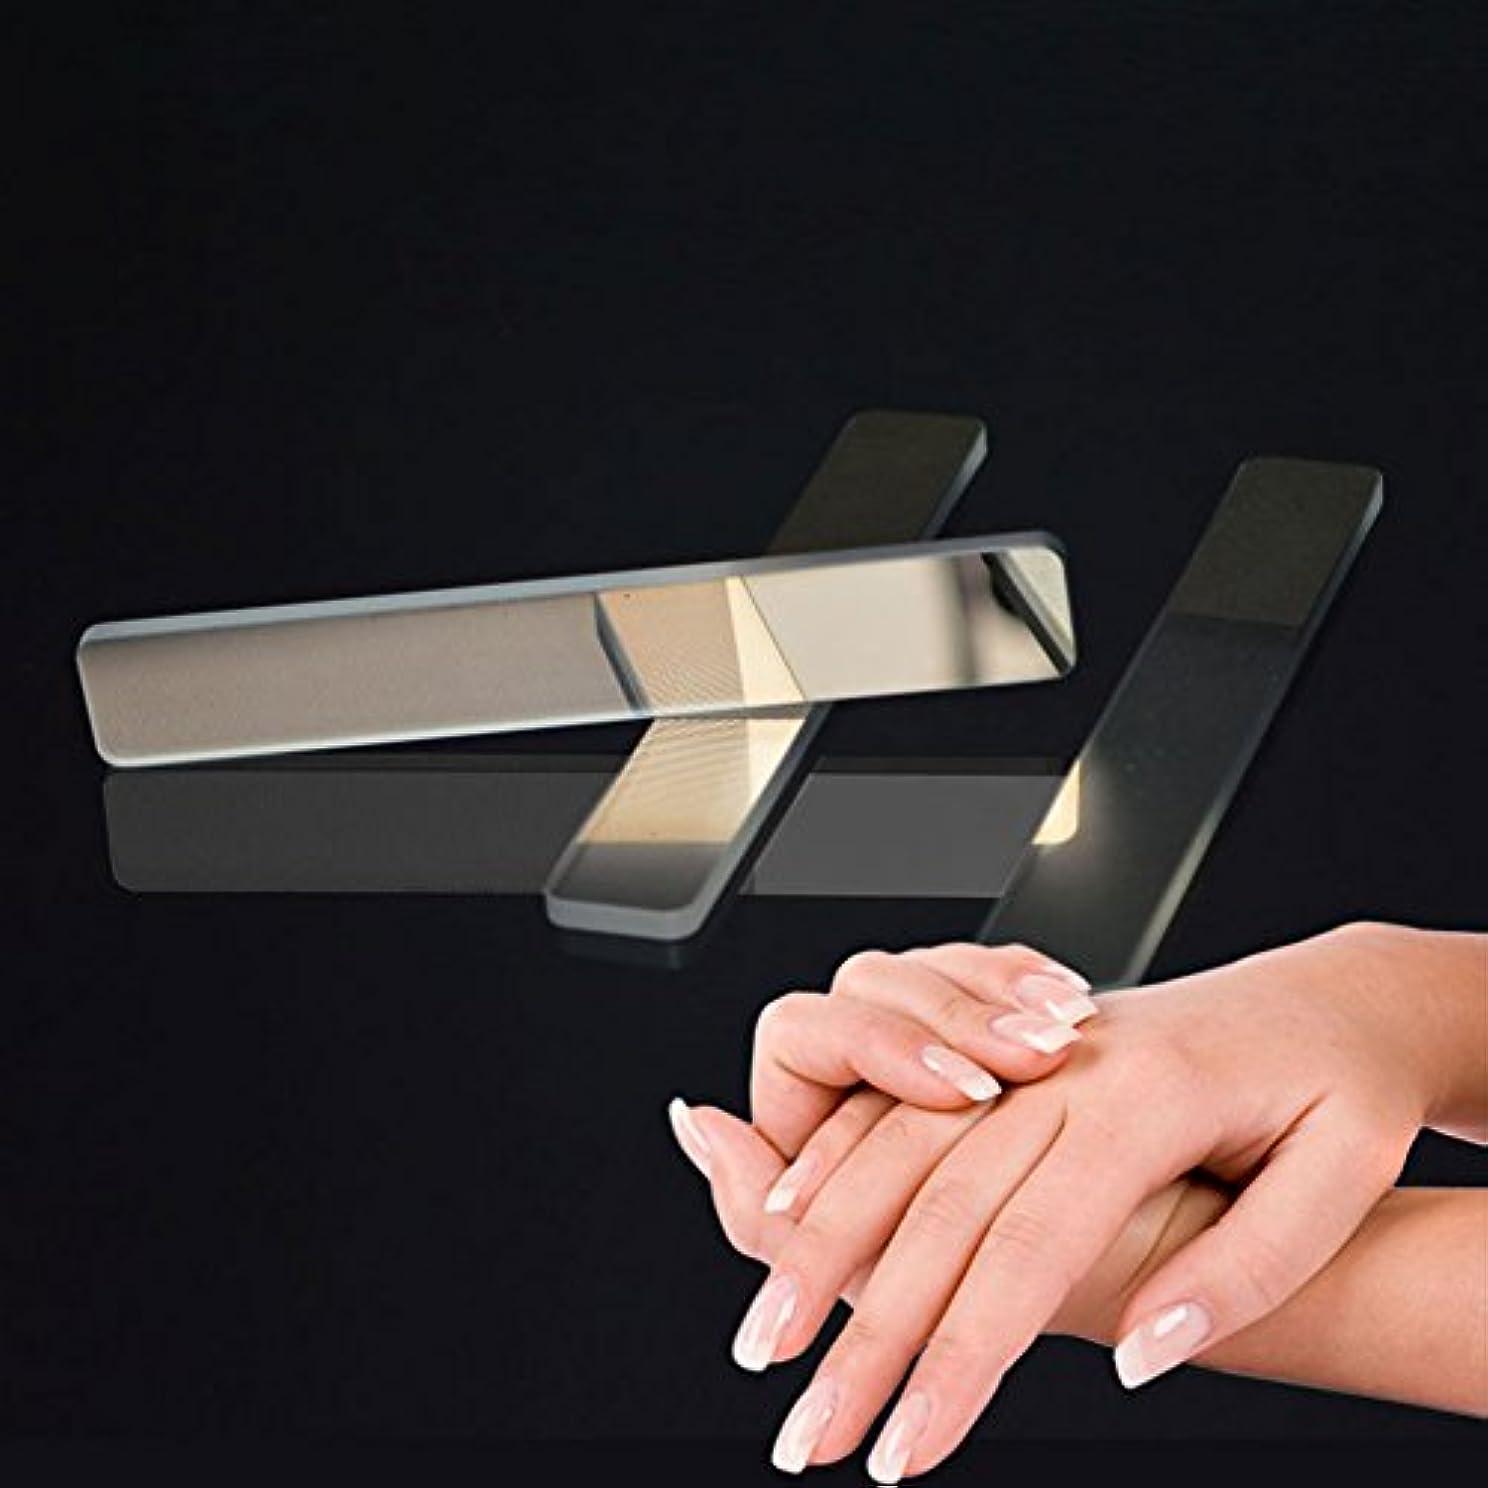 デザート心配する穿孔する爪やすり WUUDI 爪磨き ガラス爪ヤスリ ネイルファイル ネイルシャイナー つめケア ガラス製 ネイルケア 甘皮処理 (白)